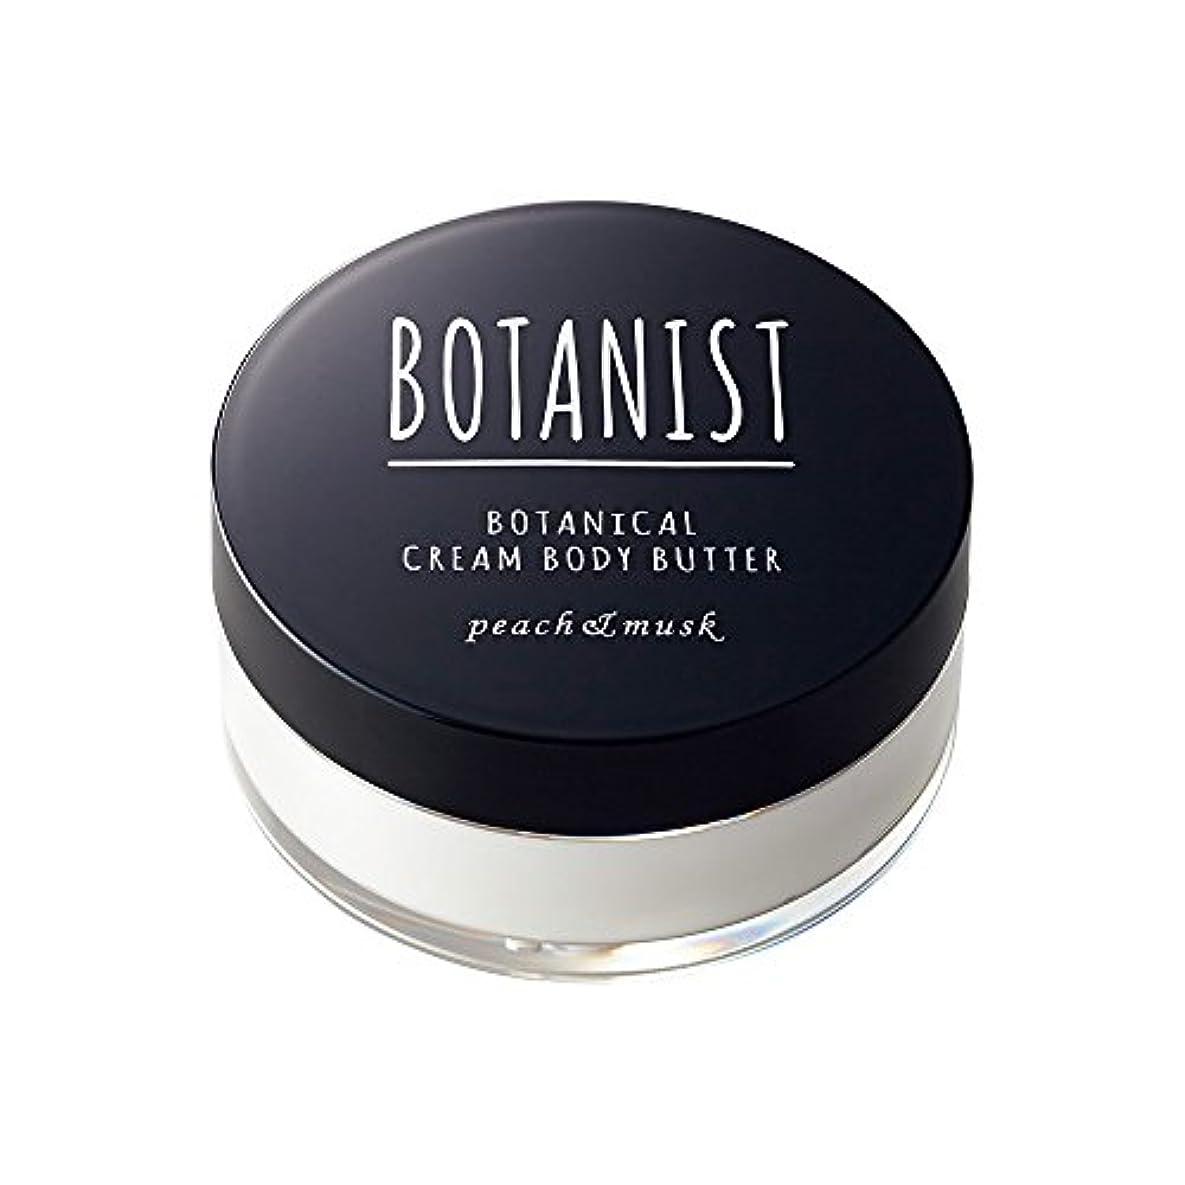 模索痛み非常にBOTANIST ボタニスト ボタニカル クリームボディーバター 100g ピーチ&ムスク